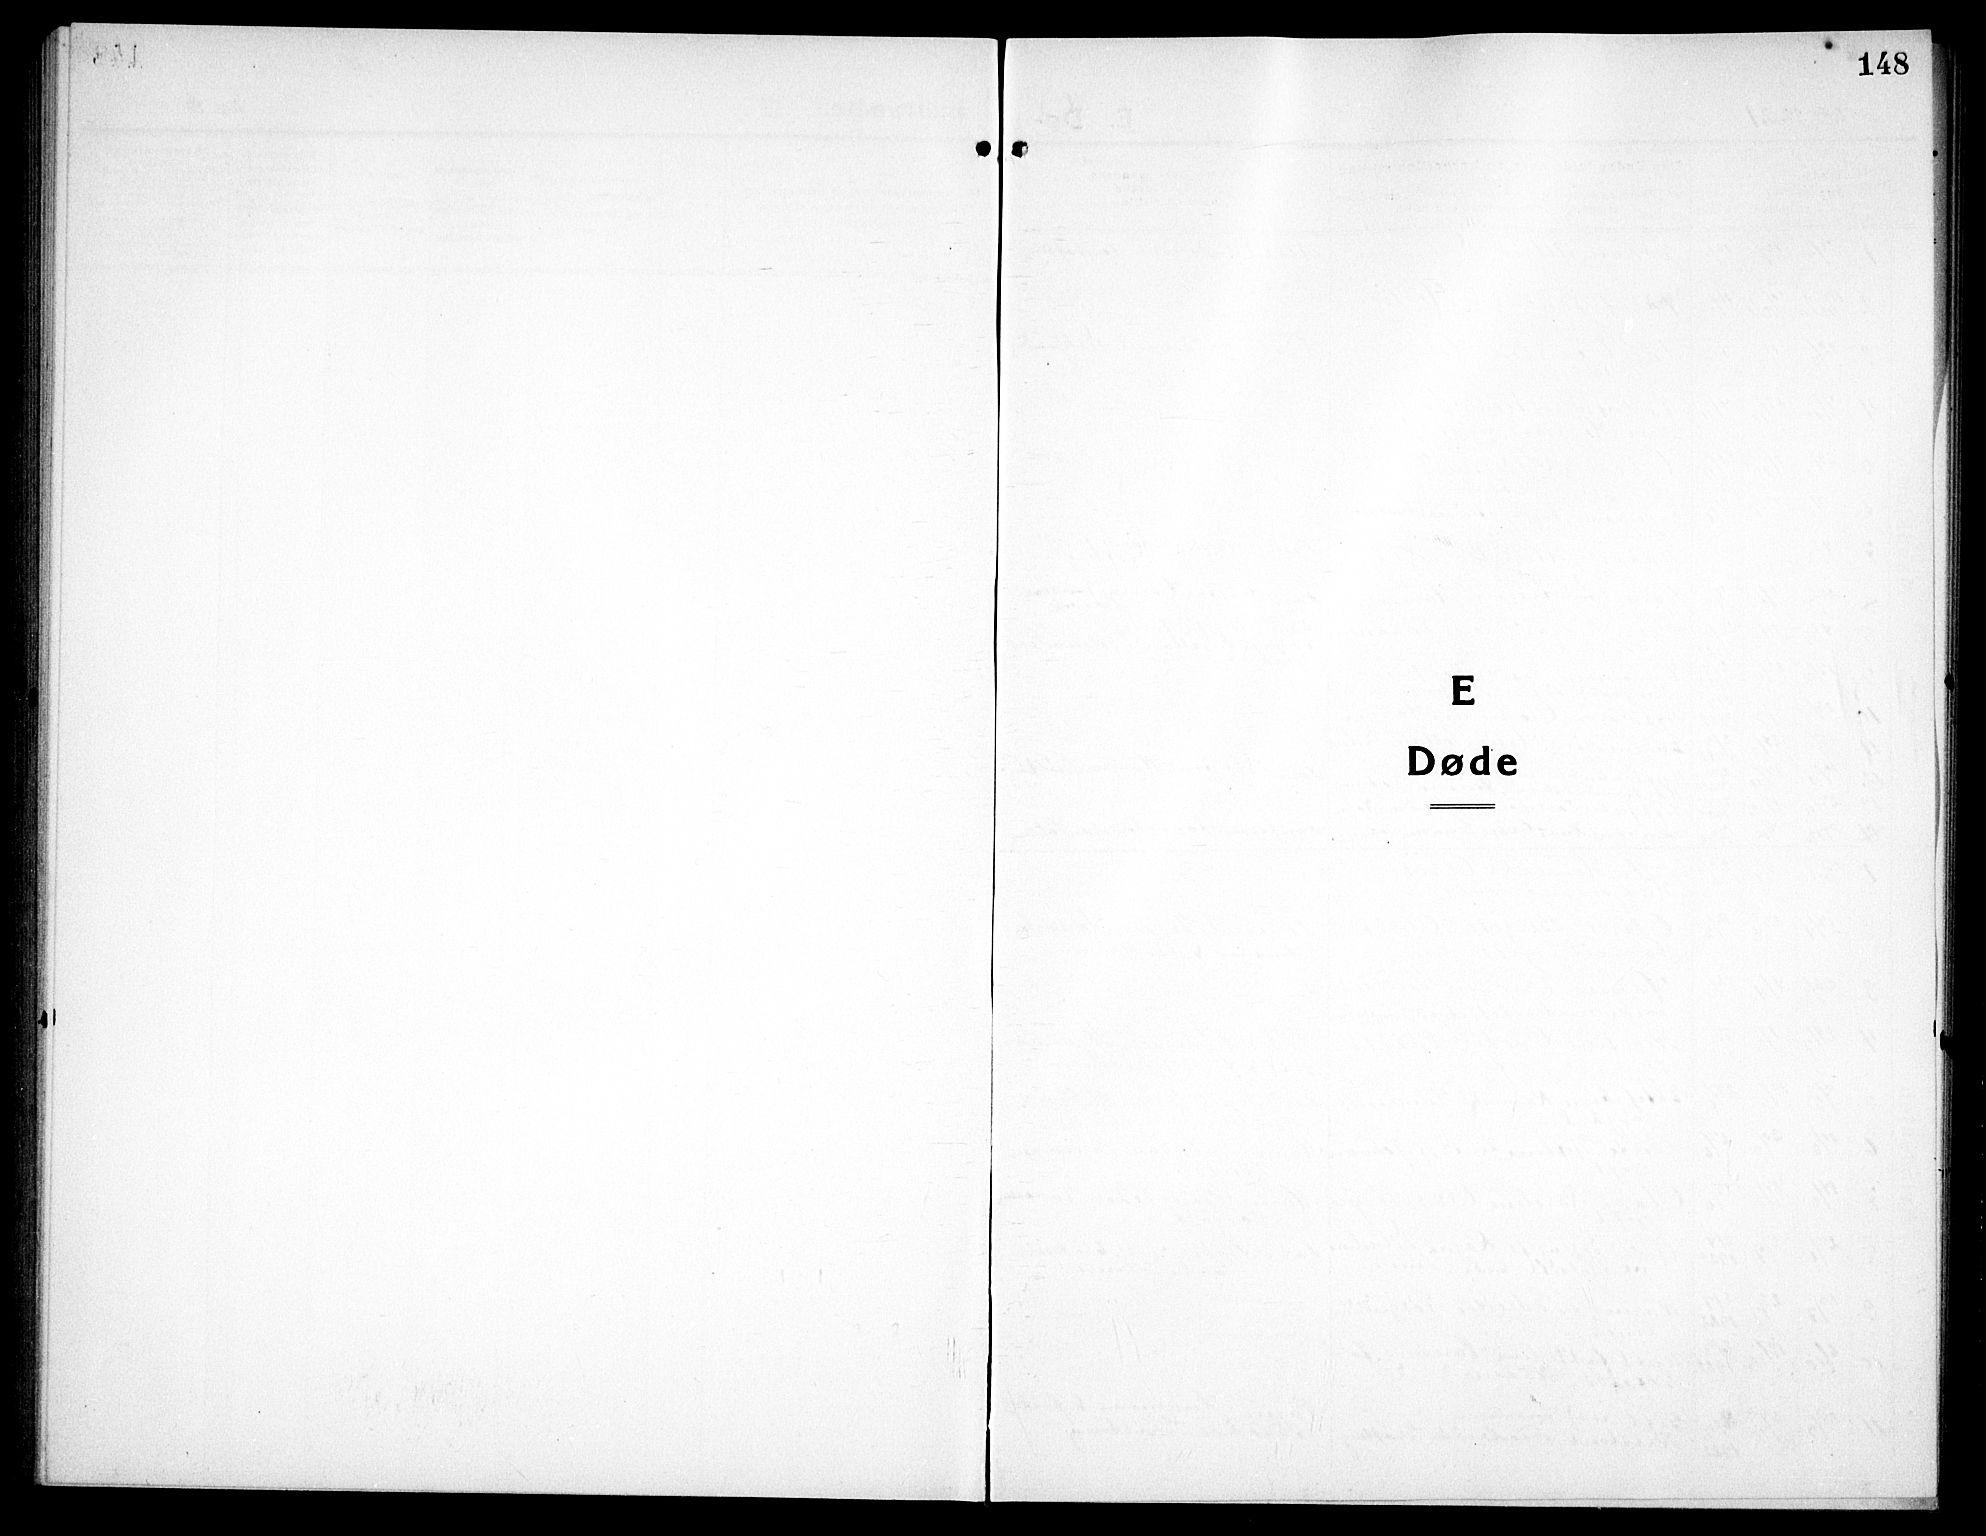 SAT, Ministerialprotokoller, klokkerbøker og fødselsregistre - Sør-Trøndelag, 656/L0696: Klokkerbok nr. 656C02, 1921-1937, s. 148